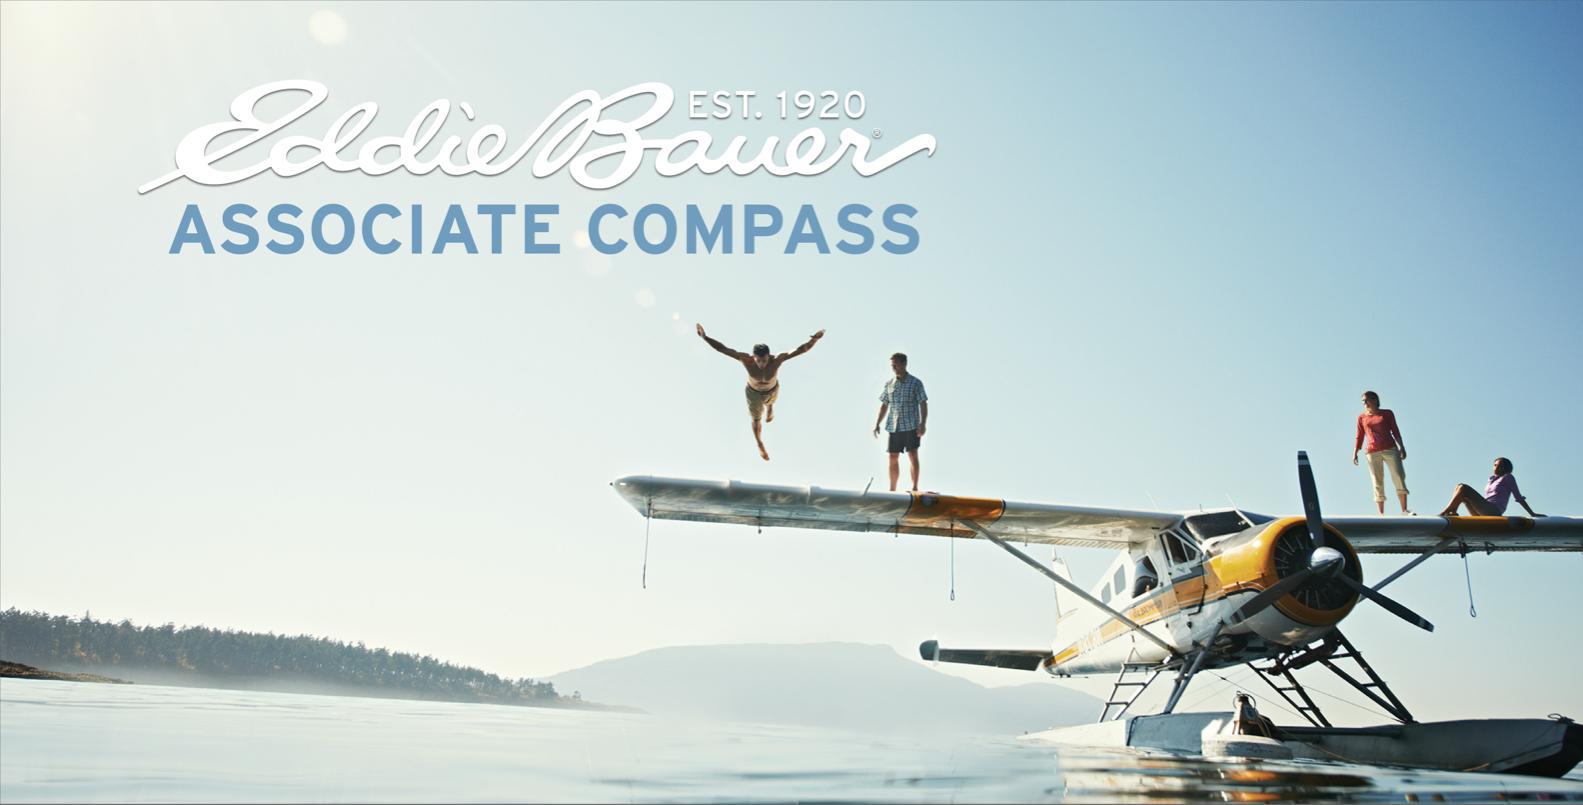 Eddie Bauer Associate Compass.png